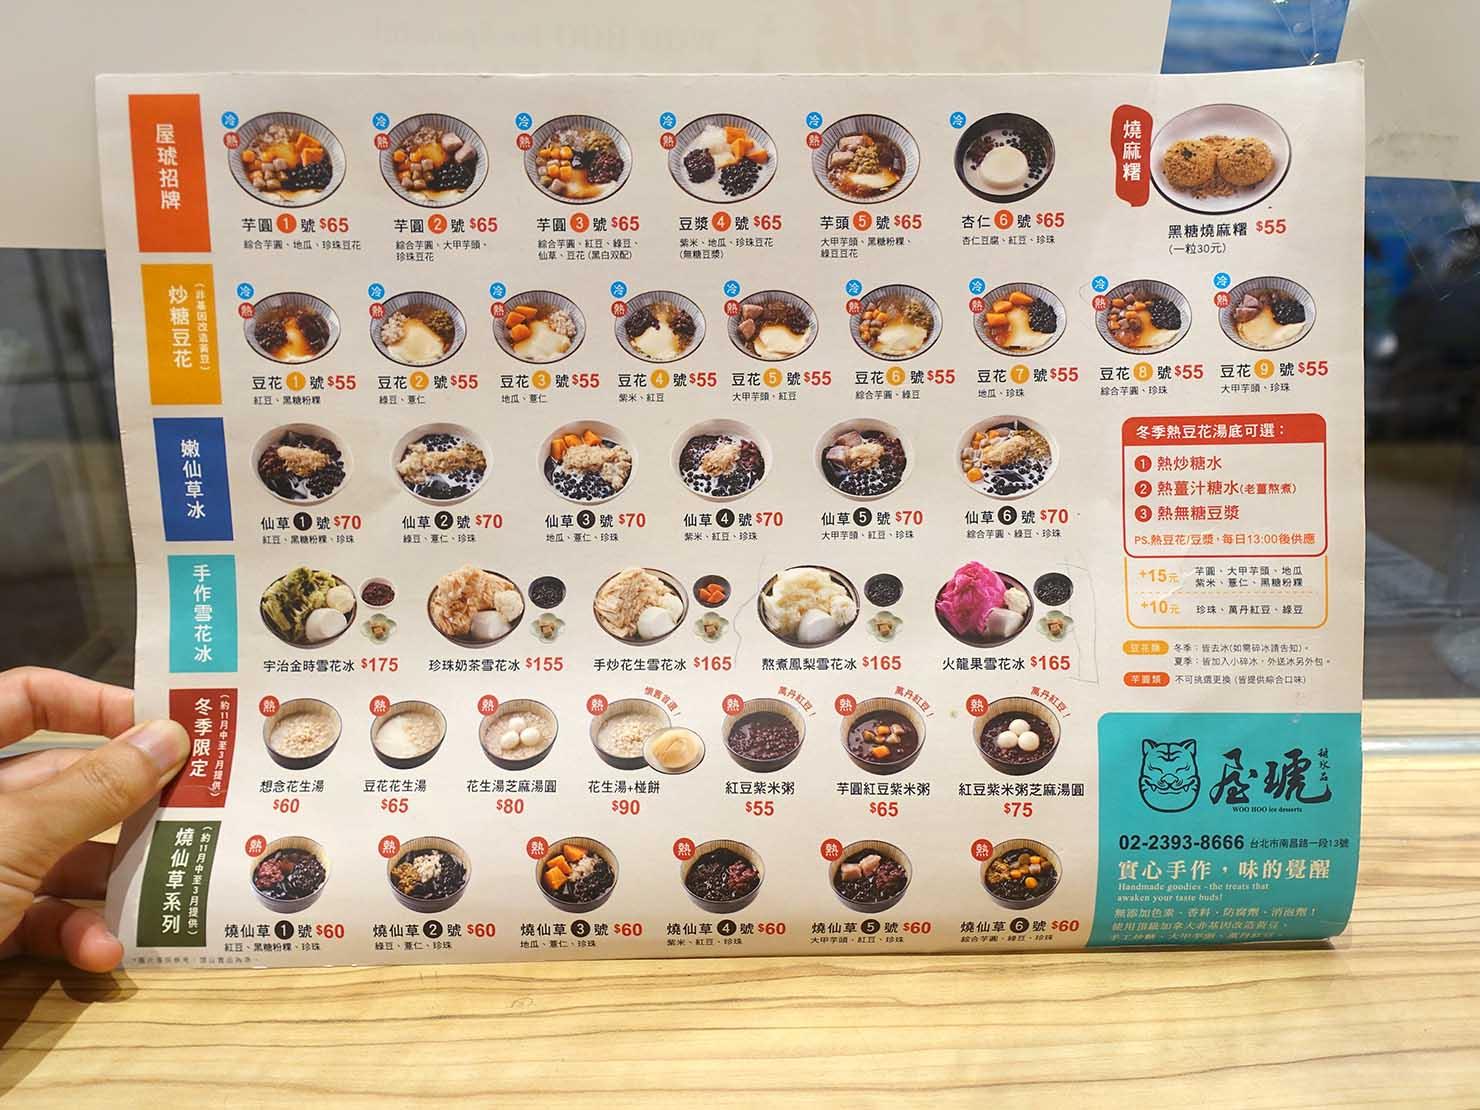 台北・中正紀念堂のおすすめグルメ店「屋琥甜冰品」のメニュー